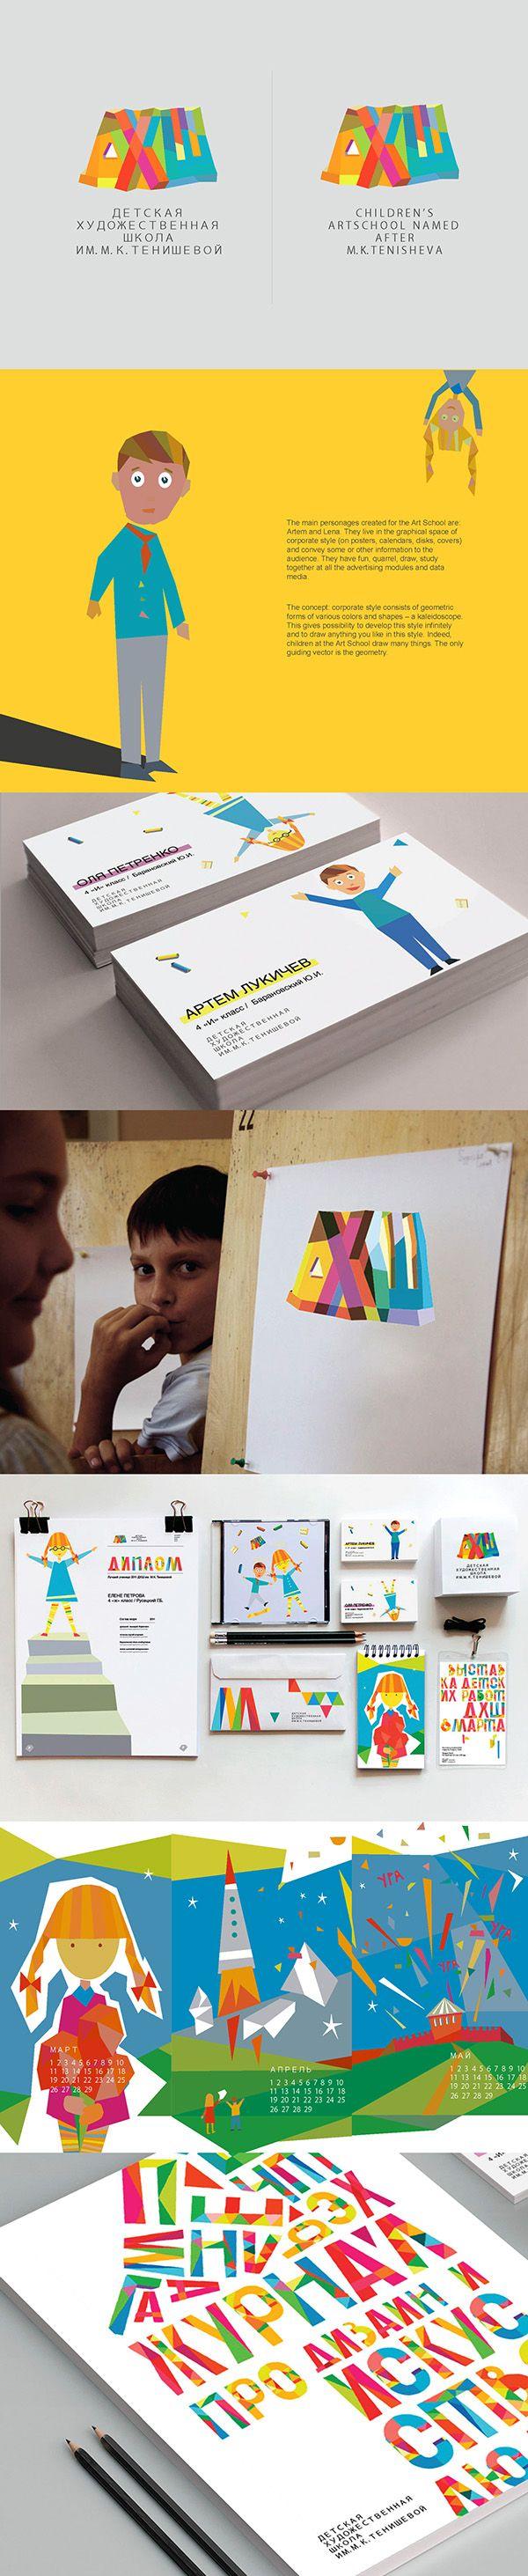 CHILDREN ARTSCHOOL branding